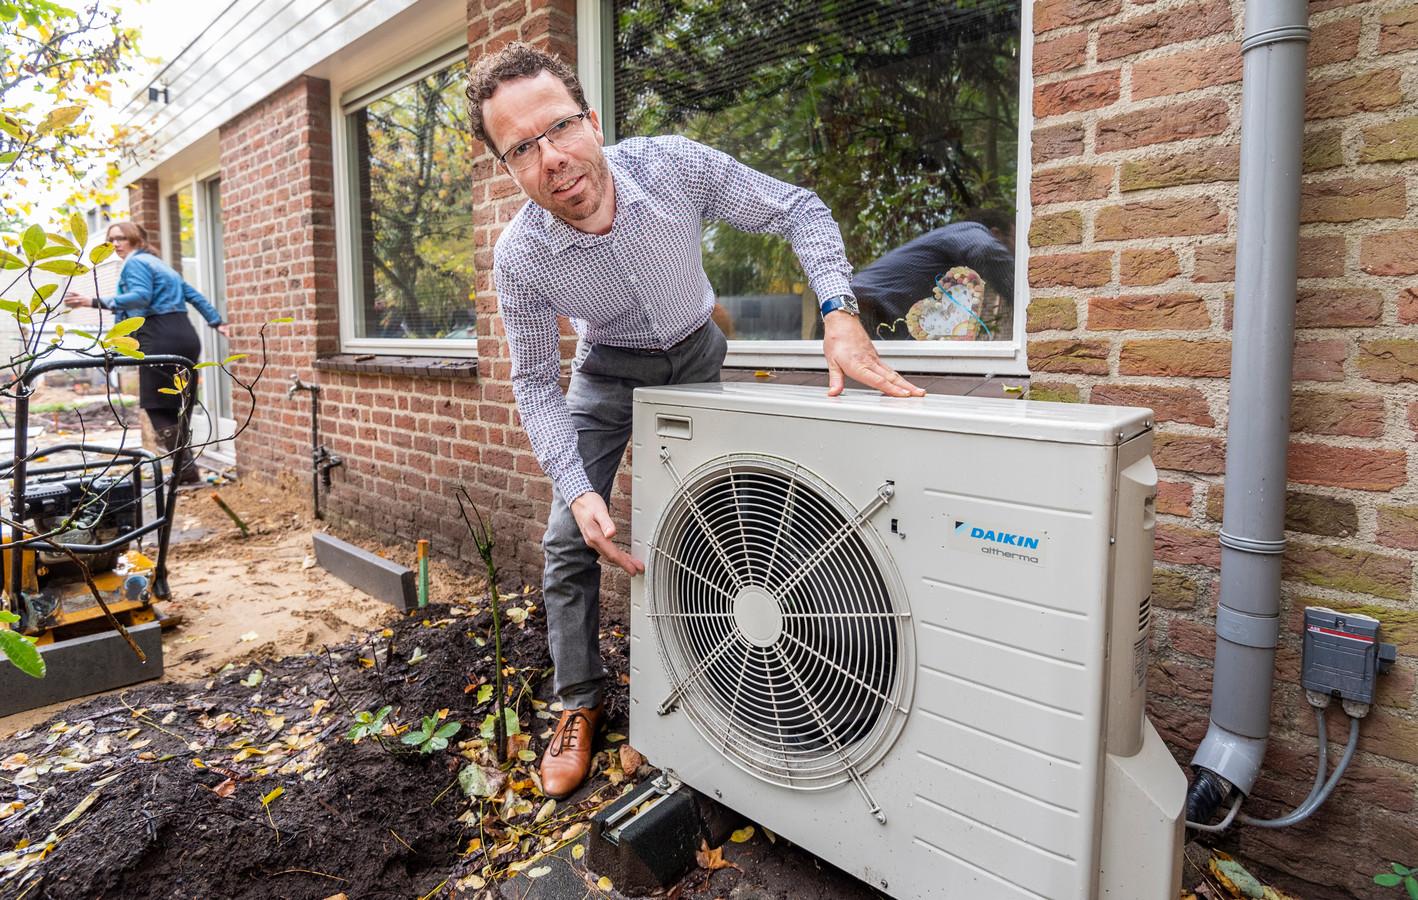 Stefan van der Velden woont in een huis dat tot in de details is geïsoleerd, zelfvoorzienend is in stroom door de dertig zonnepanelen op het dak en door de warmtepomp in de tuin niet wordt verwarmd door gas.